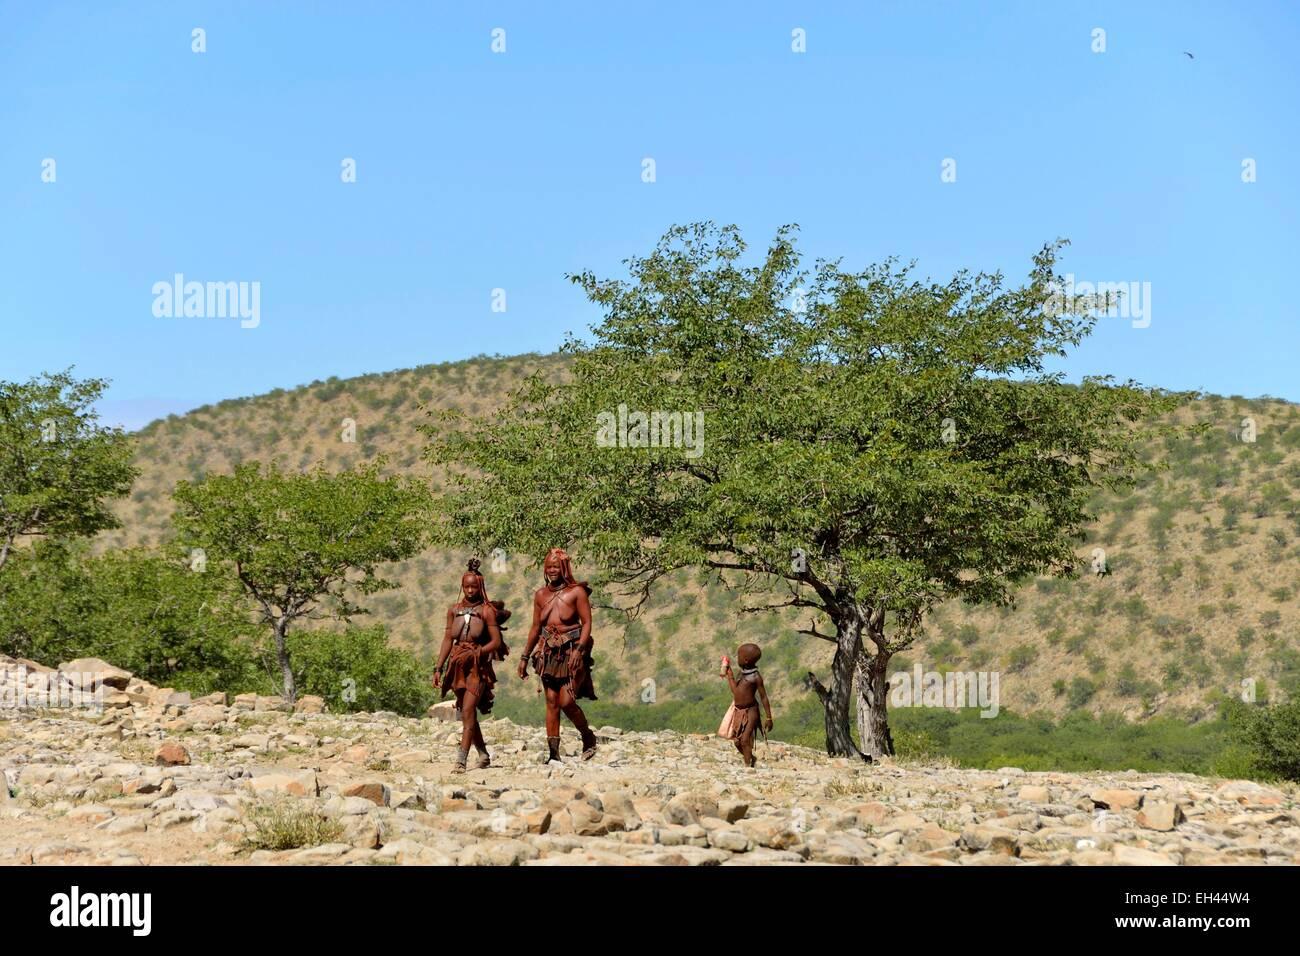 Namibie, Kaokoland ou Kaokoveld, village himba, ethnie bantoue/Namibia, Kaokoland or Kaokoveld, Himba village Stock Photo